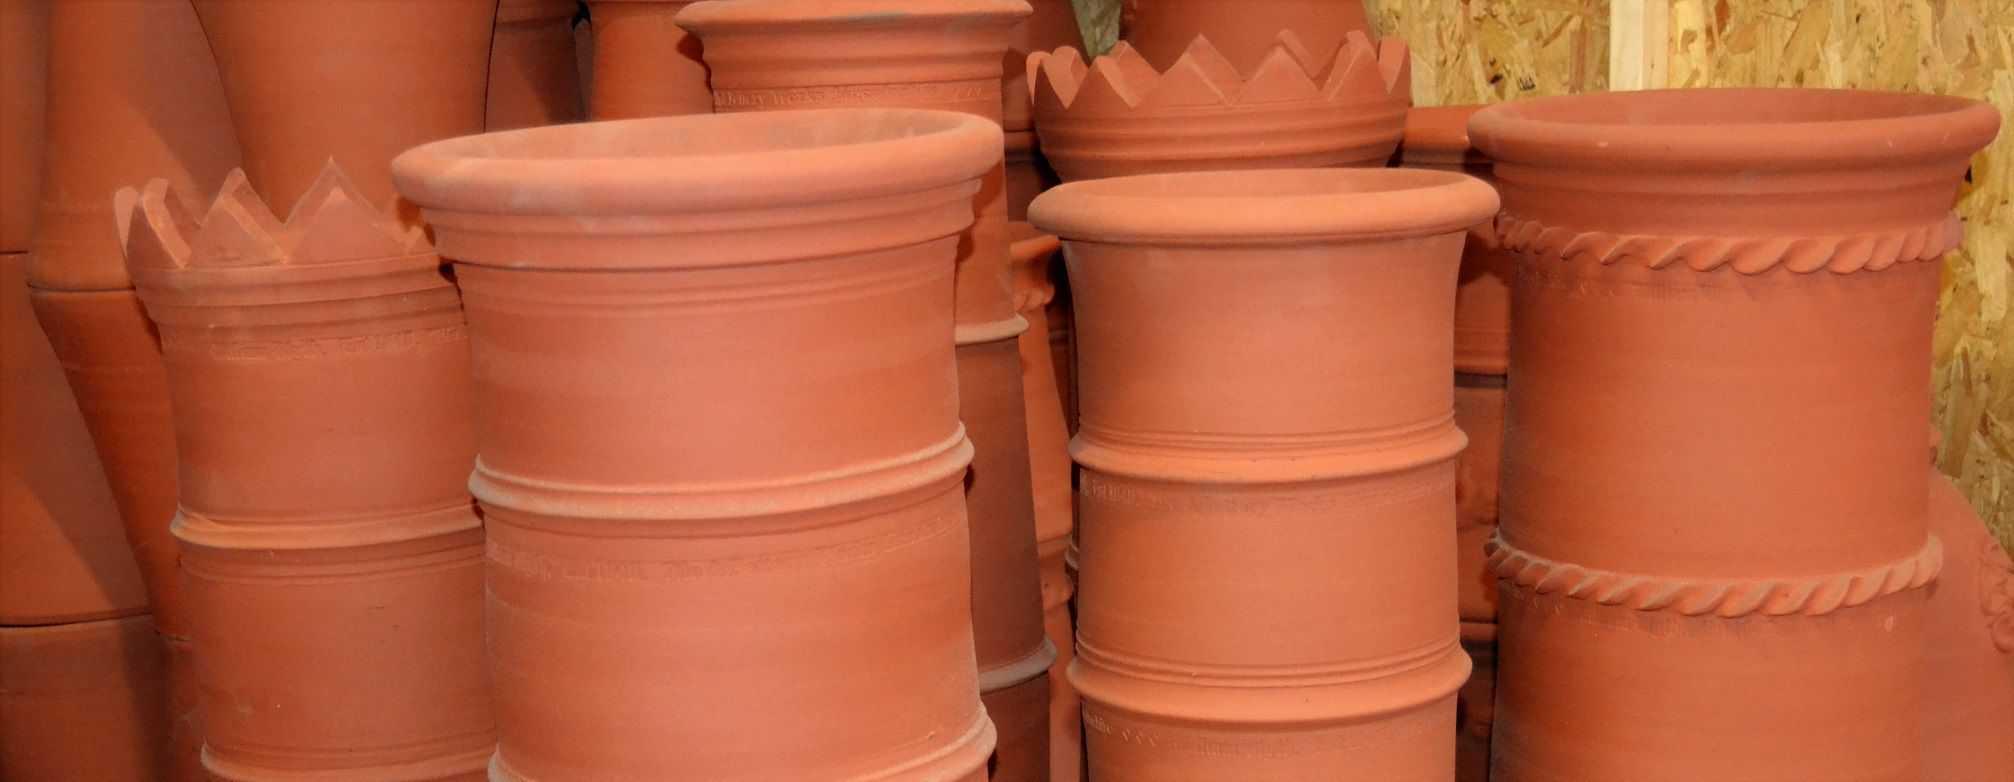 Chimney pots range